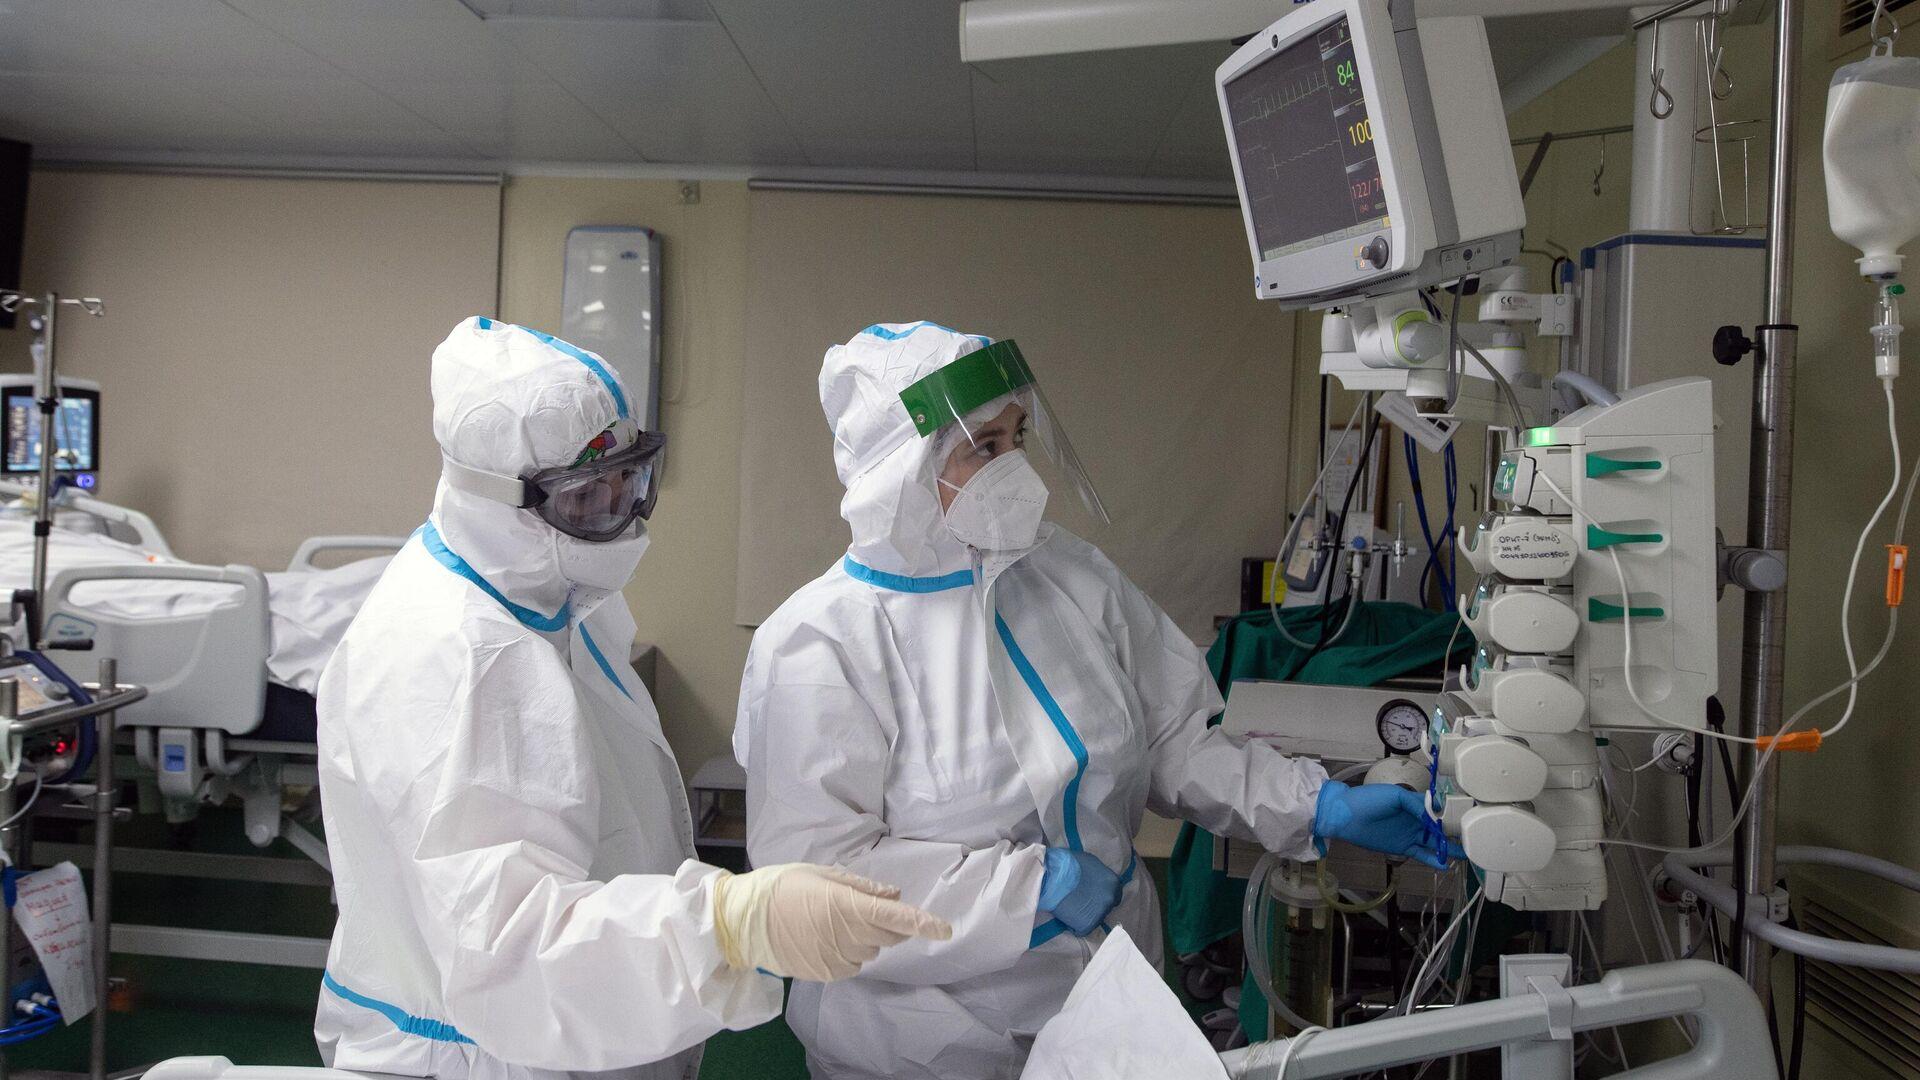 Медицинские работники в отделении реанимации и интенсивной терапии в госпитале COVID-19 в городской клинической больнице № 52 в Москве - РИА Новости, 1920, 14.03.2021